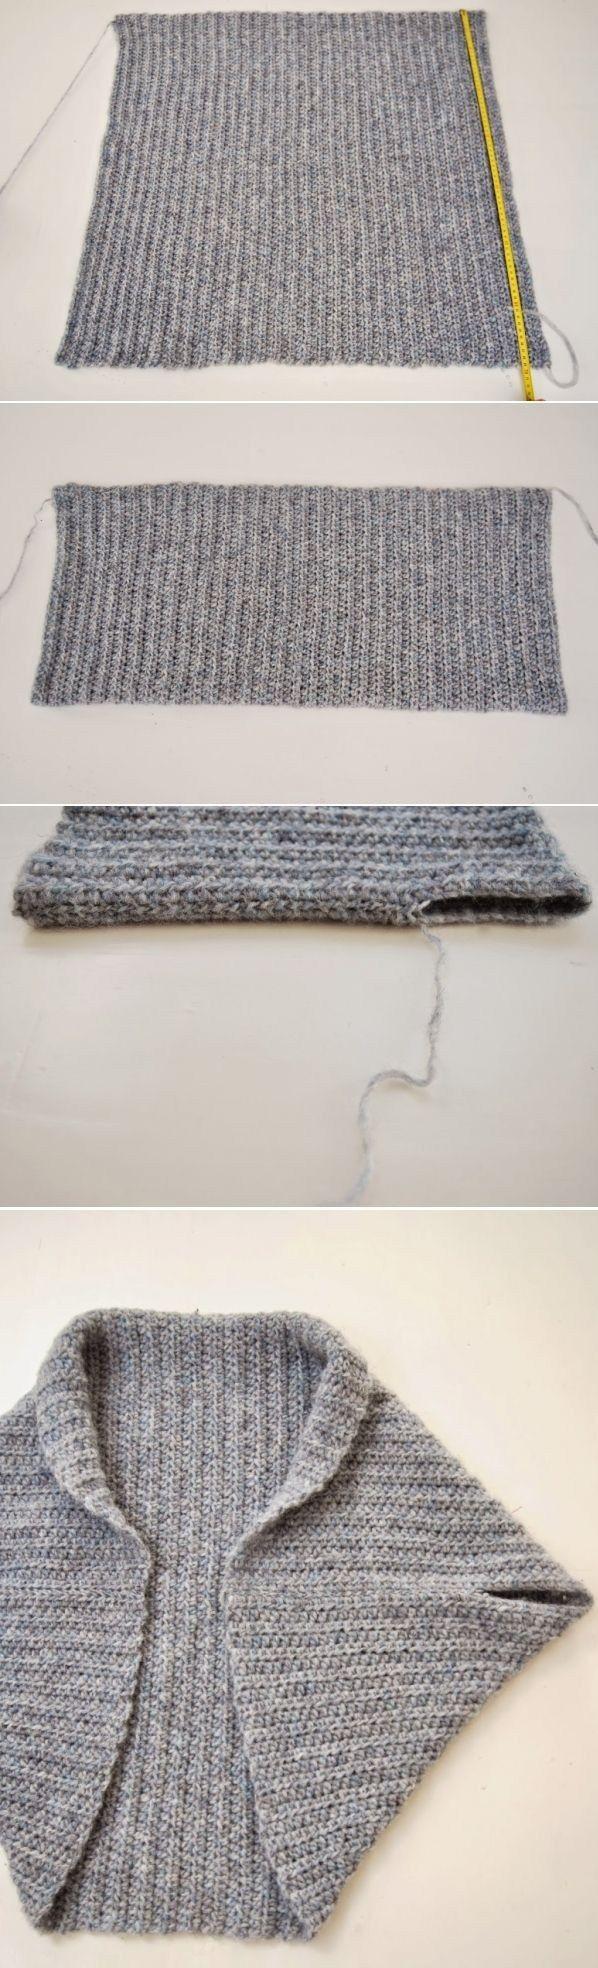 Easy Shrug Knitting Patterns | Stricken, Handarbeiten und Häkeln